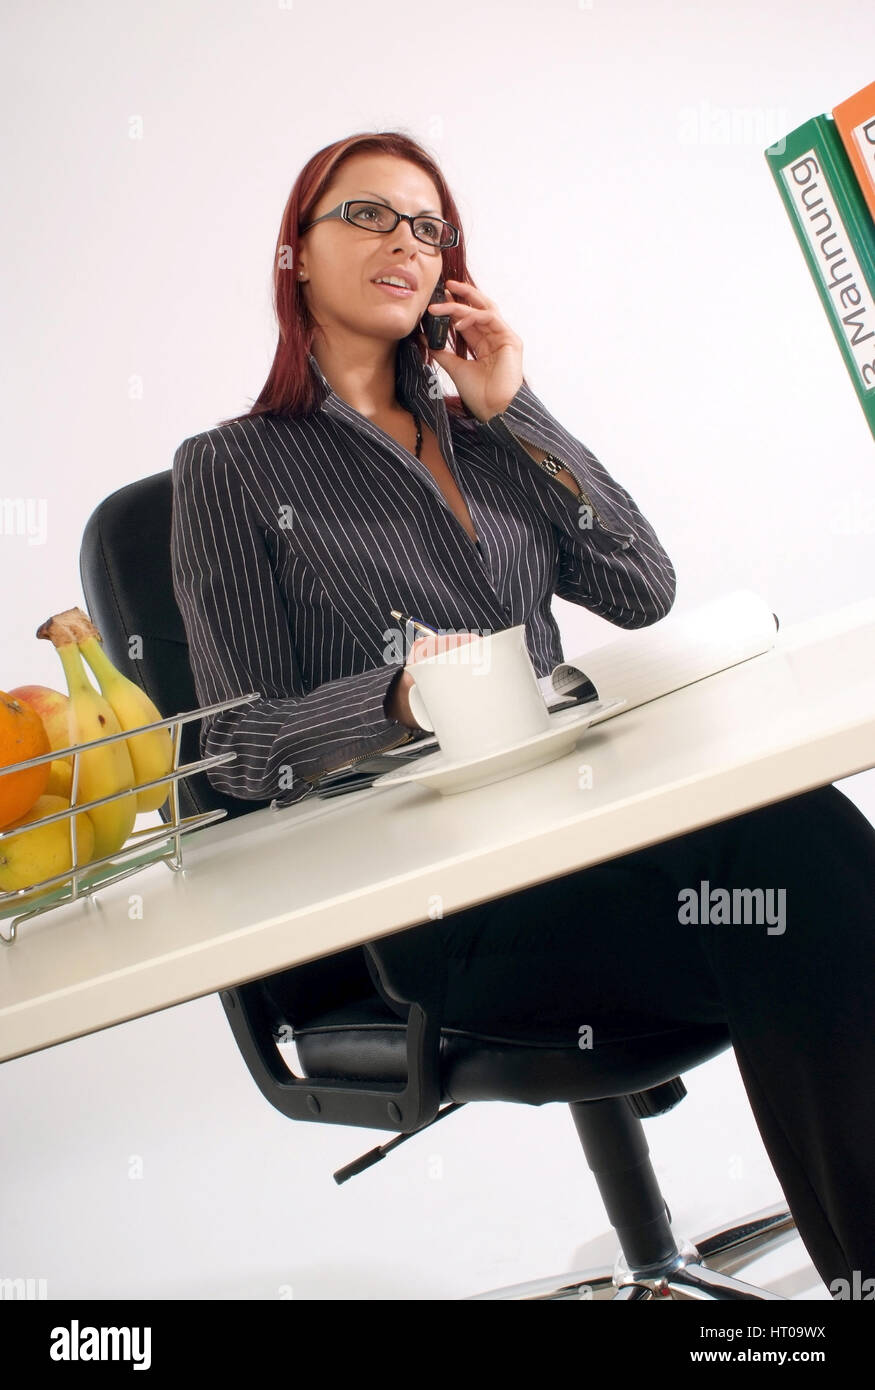 Junge Geschoeaeftsfrau Am Schreibtisch Young Business Woman In